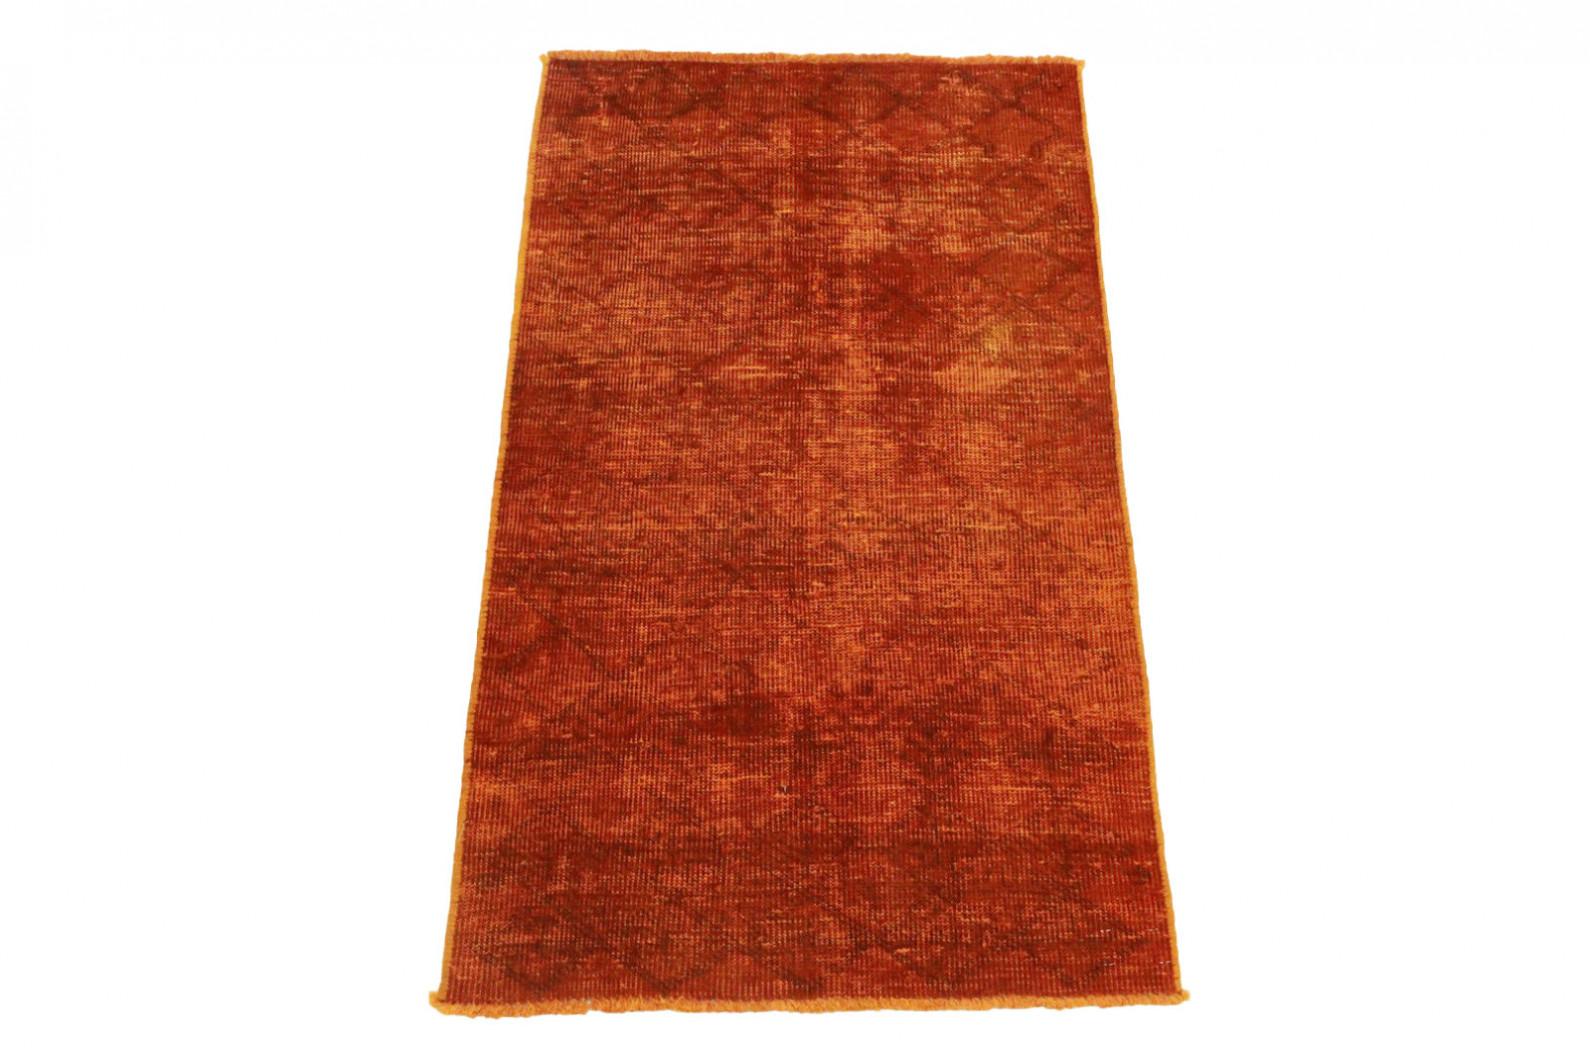 vintage teppich orange rost in 220x140cm 1002 3381 bei kaufen. Black Bedroom Furniture Sets. Home Design Ideas